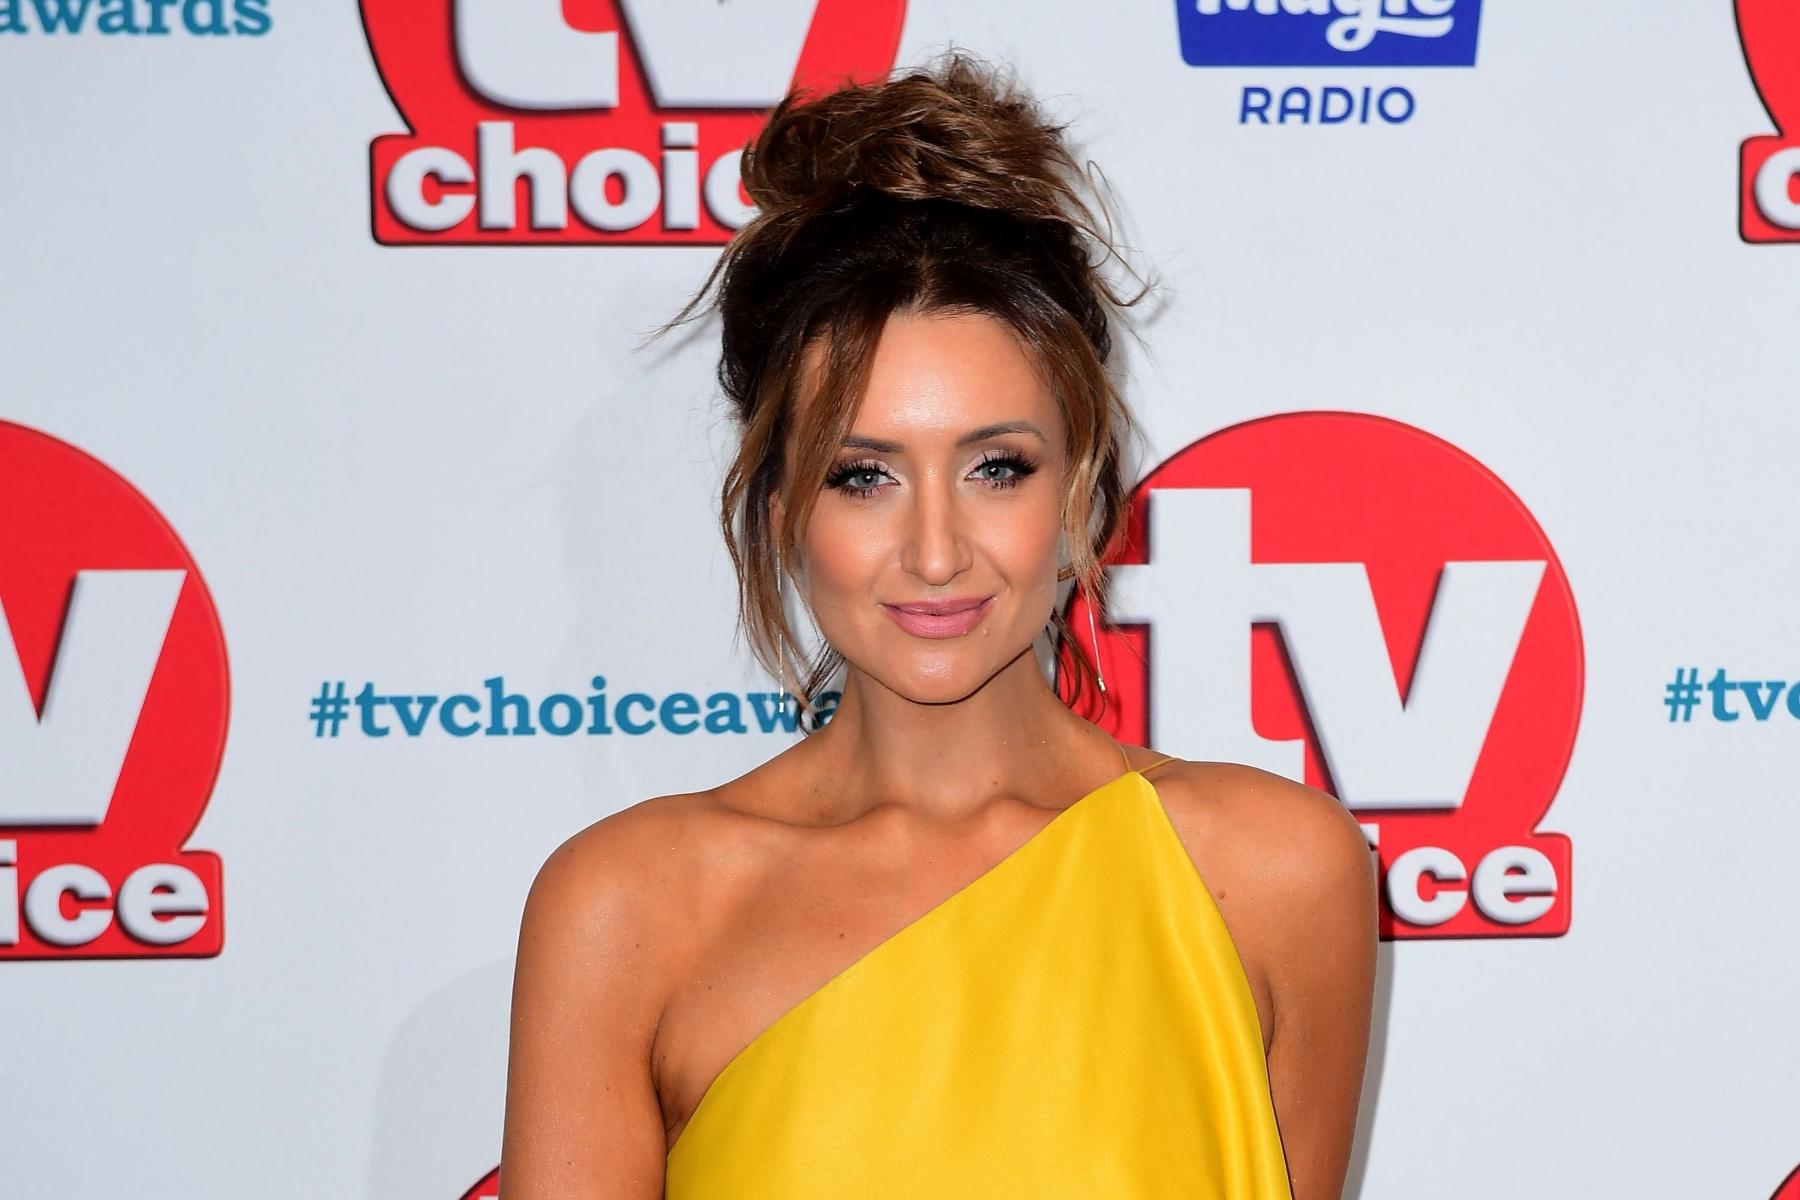 La ex estrella de Coronation Street Catherine Tyldesley está embarazada de su segundo hijo